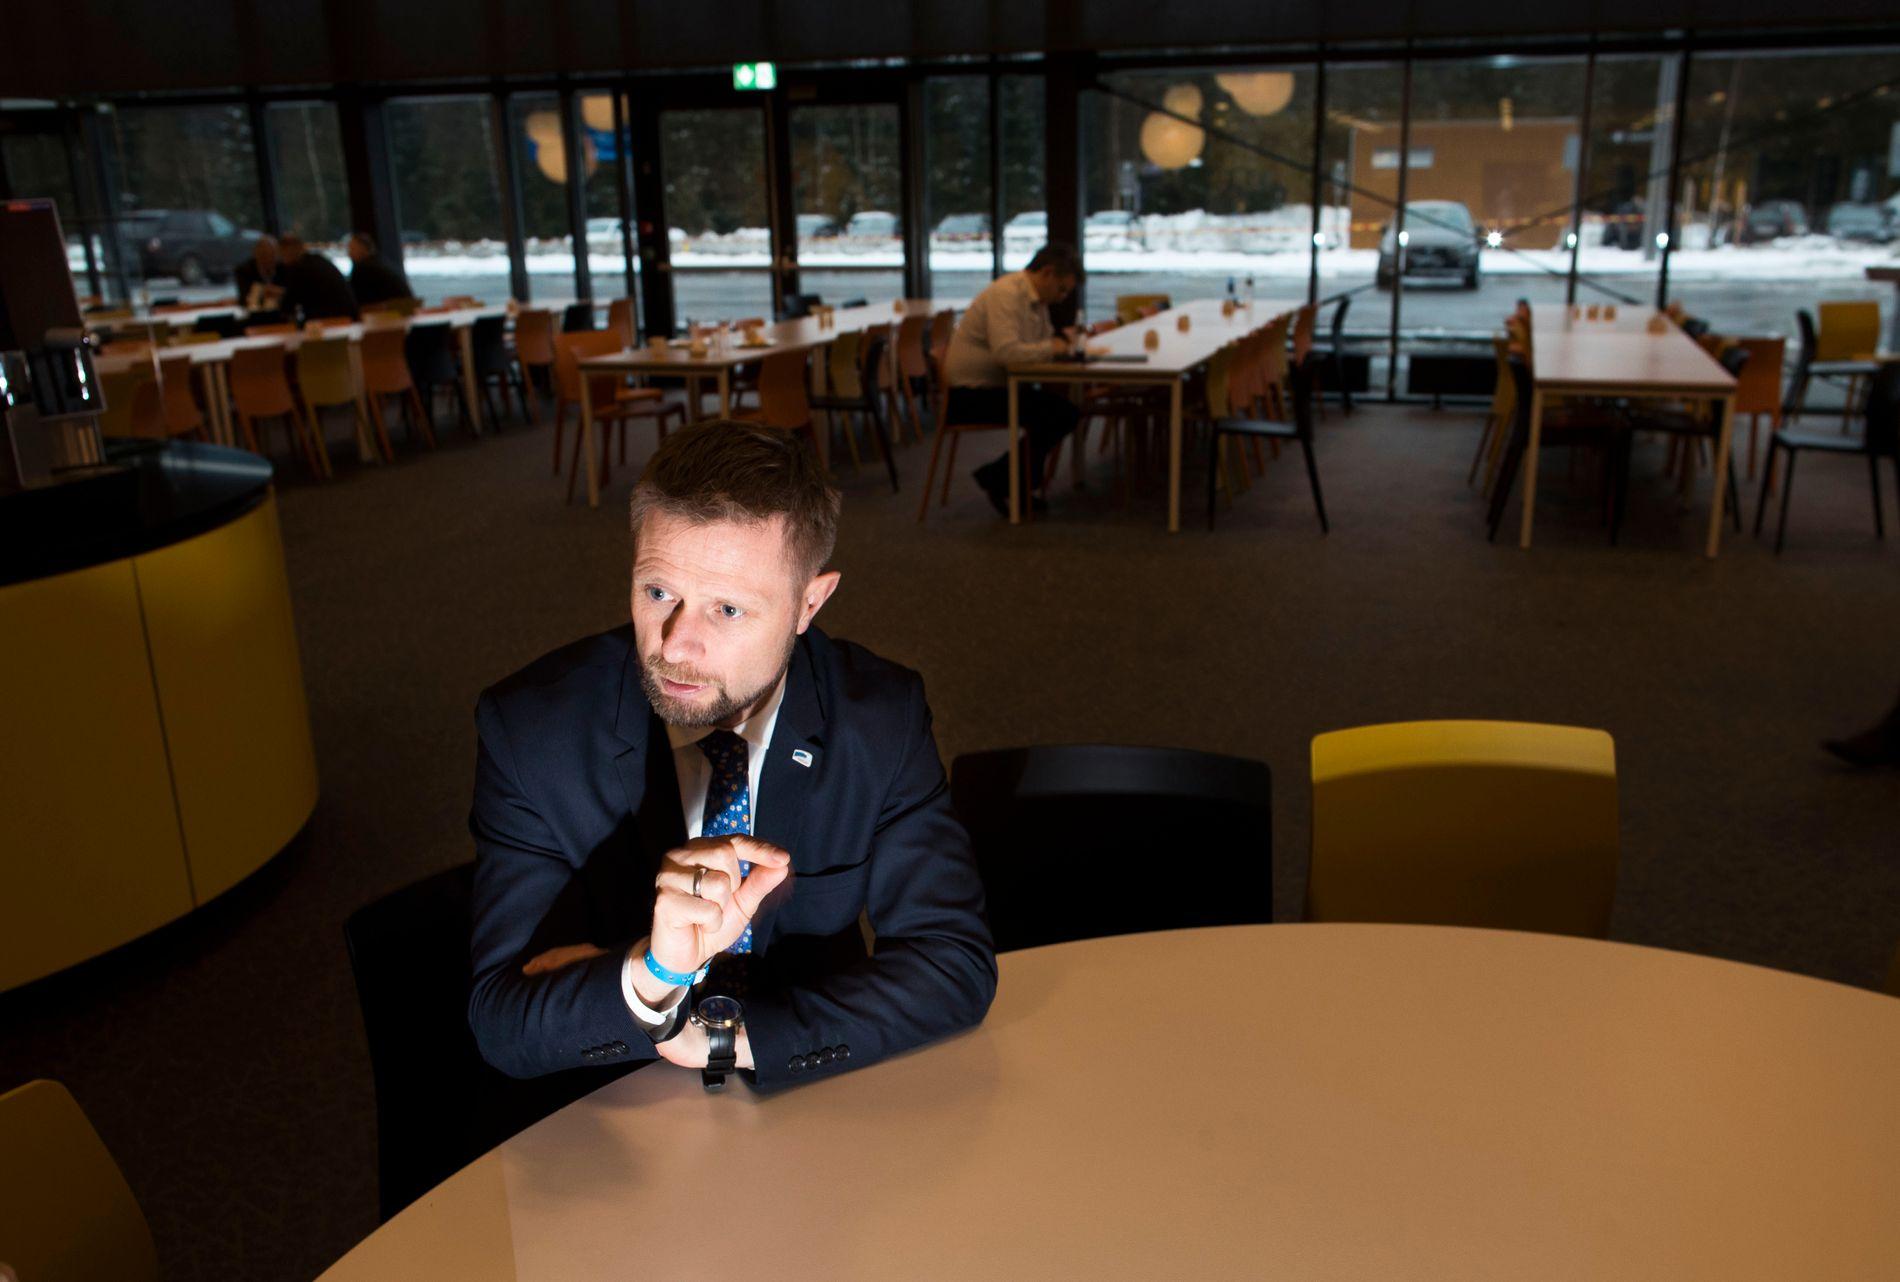 ENDRET MENING: Før mente helseminister Bent Høie (H) at de som ble tatt for bruk og besittelse av narkotika måtte straffes. Nå vil han heller tilby dem hjelp.